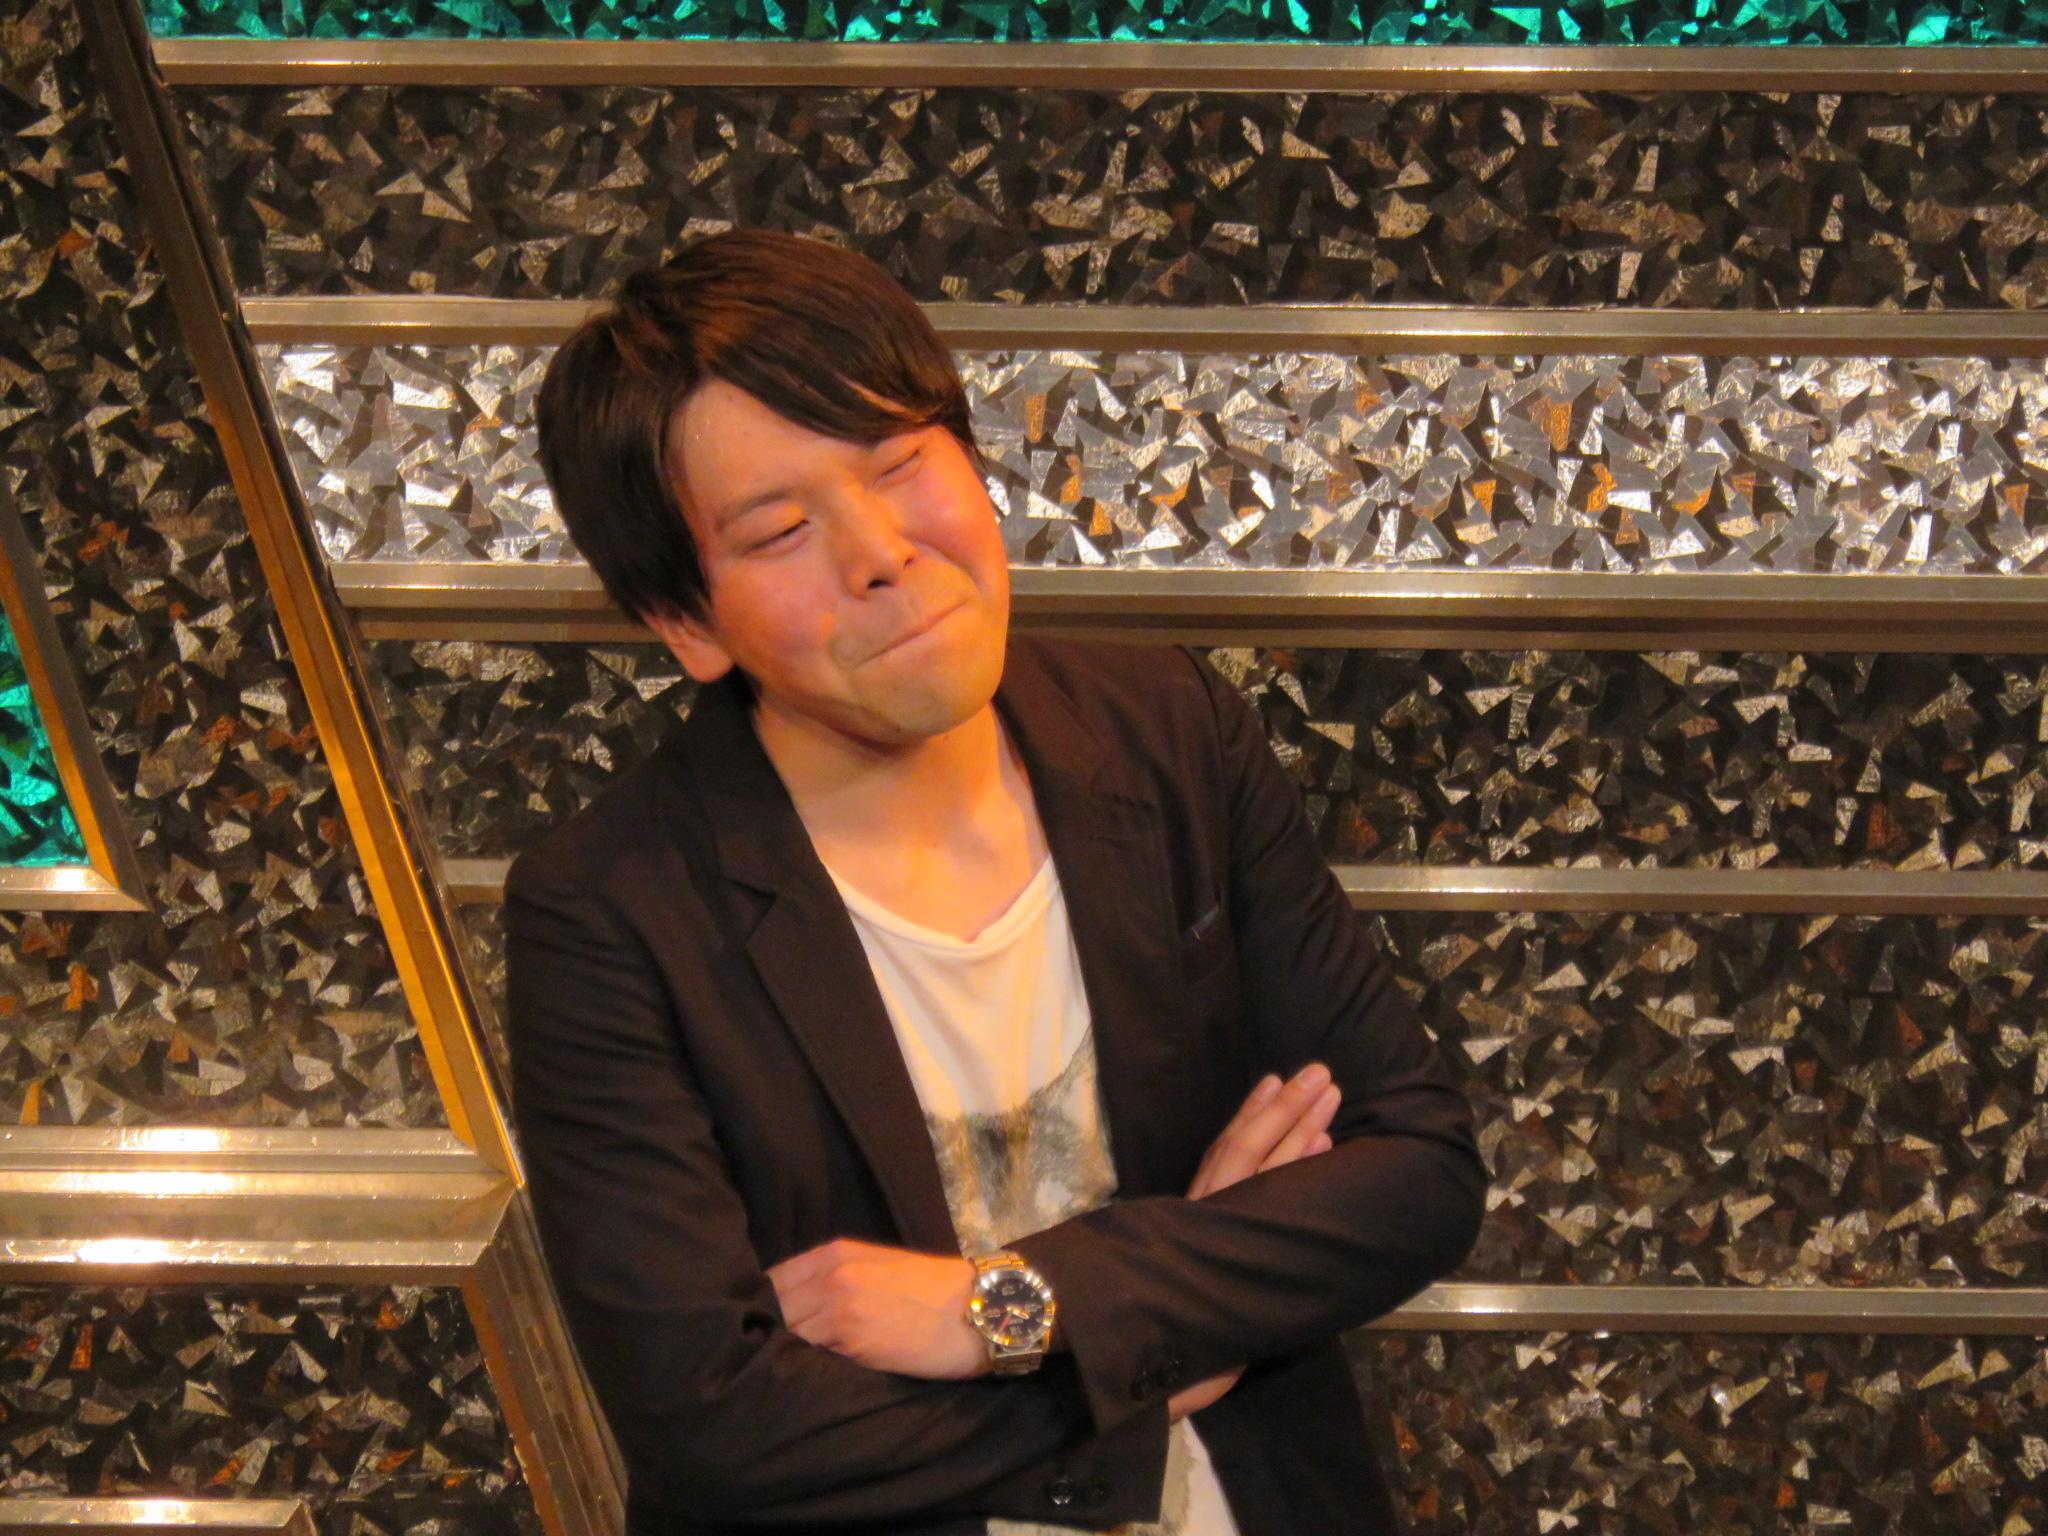 http://news.yoshimoto.co.jp/20160531175302-089d8180bf9aa4cfaf63838a986d436e4ff3fb57.jpg